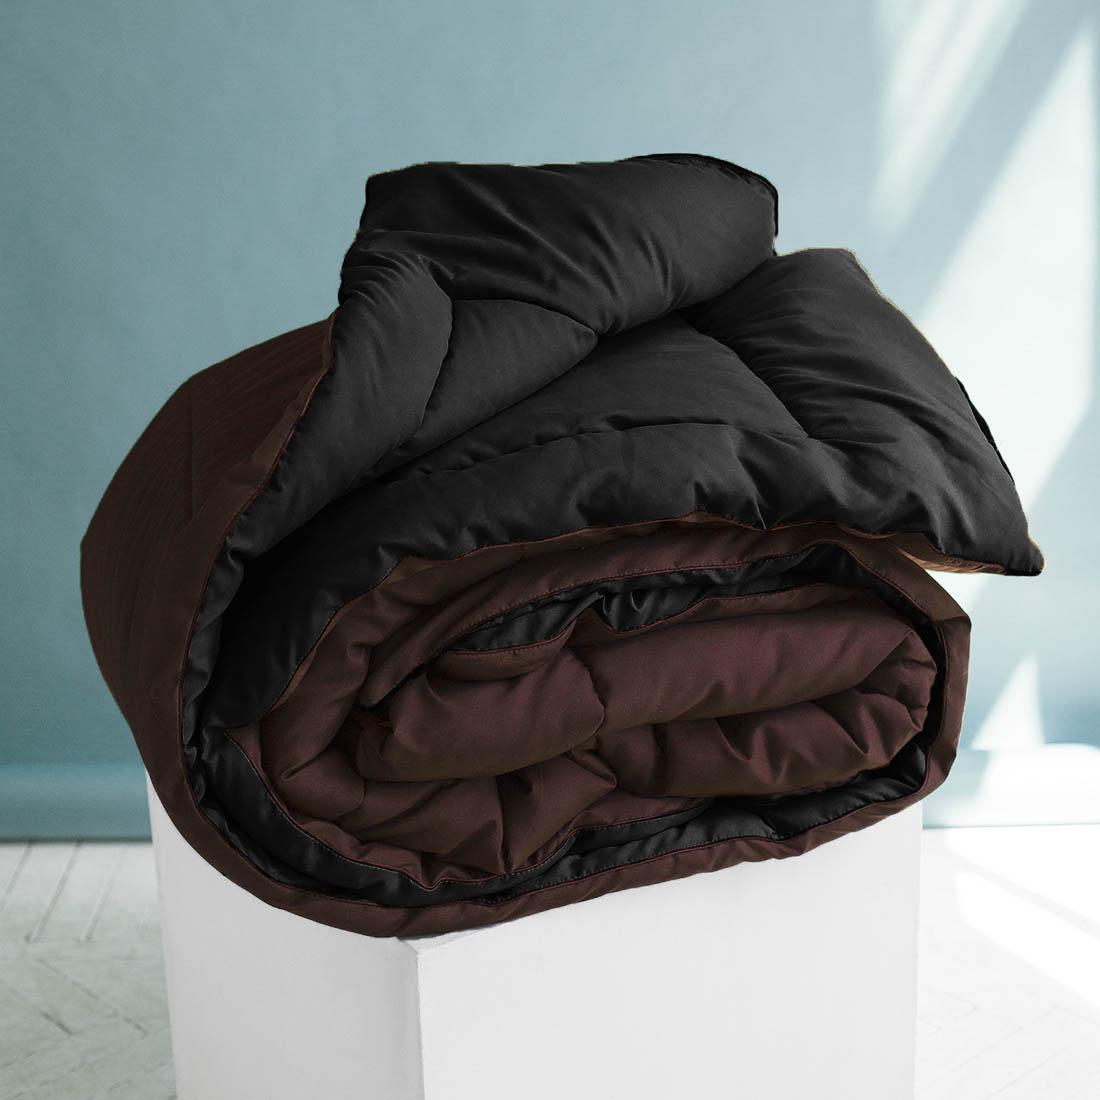 Одеяло  Sleep iX , наполнитель: силиконизированное волокно, цвет: коричневый, черный, 175 х 205 см. pva320007 -  Одеяла